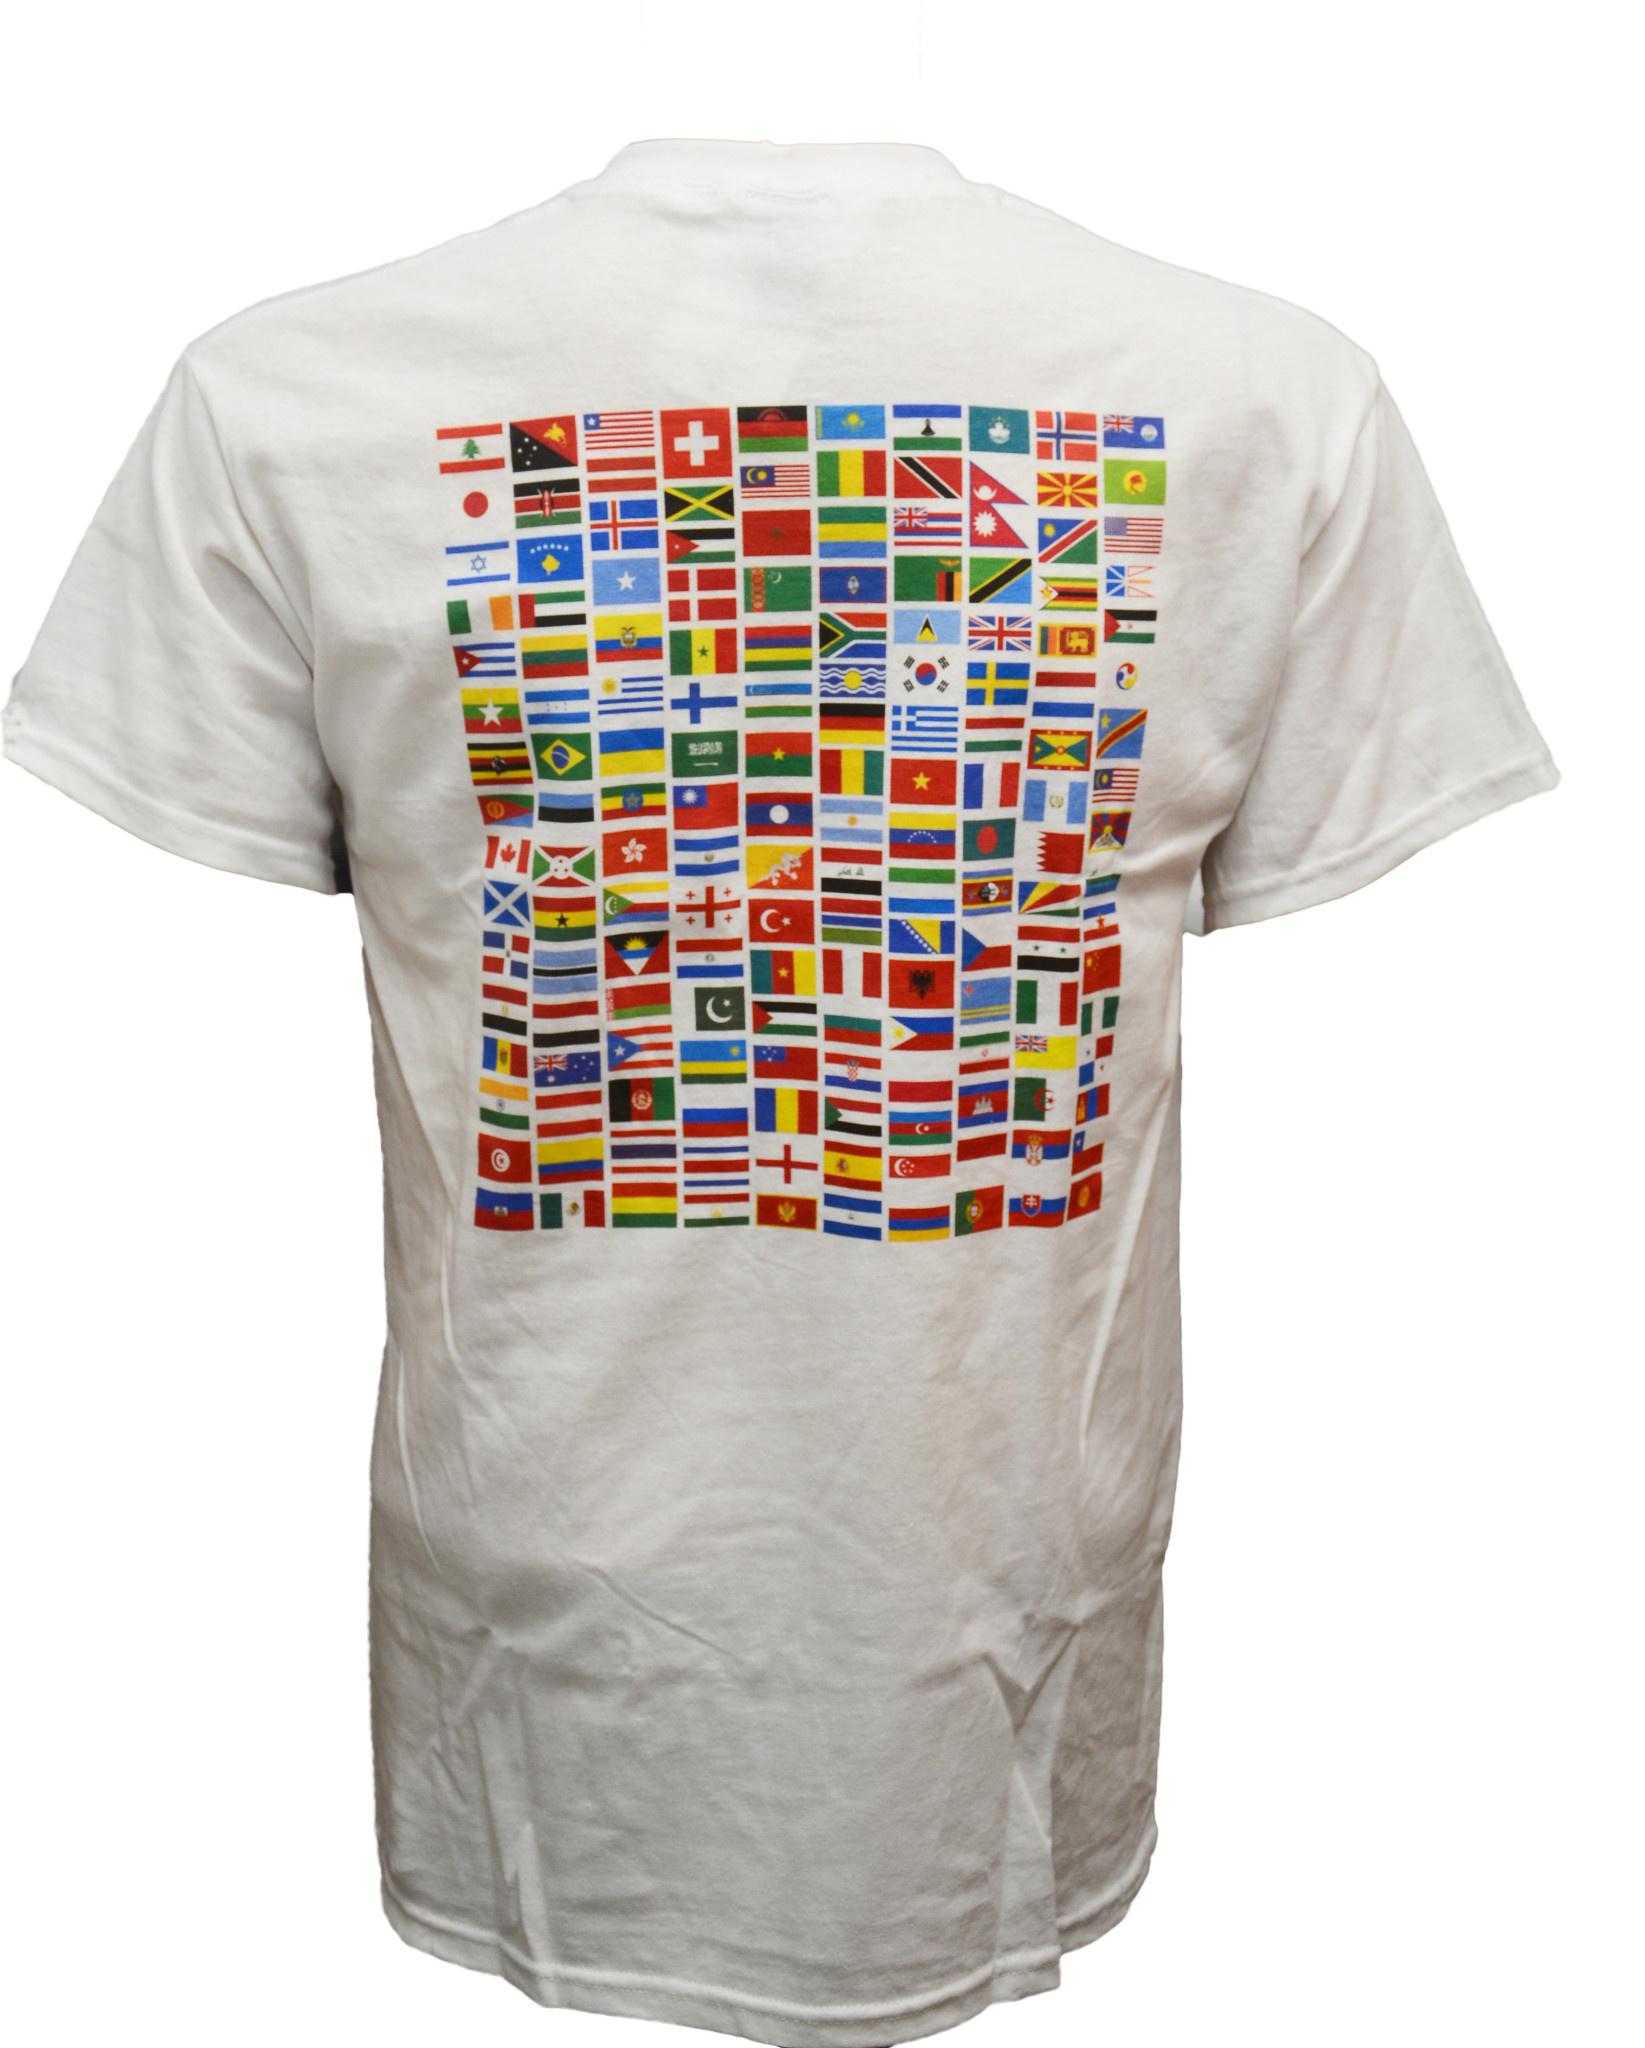 International Flags t-shirt-1